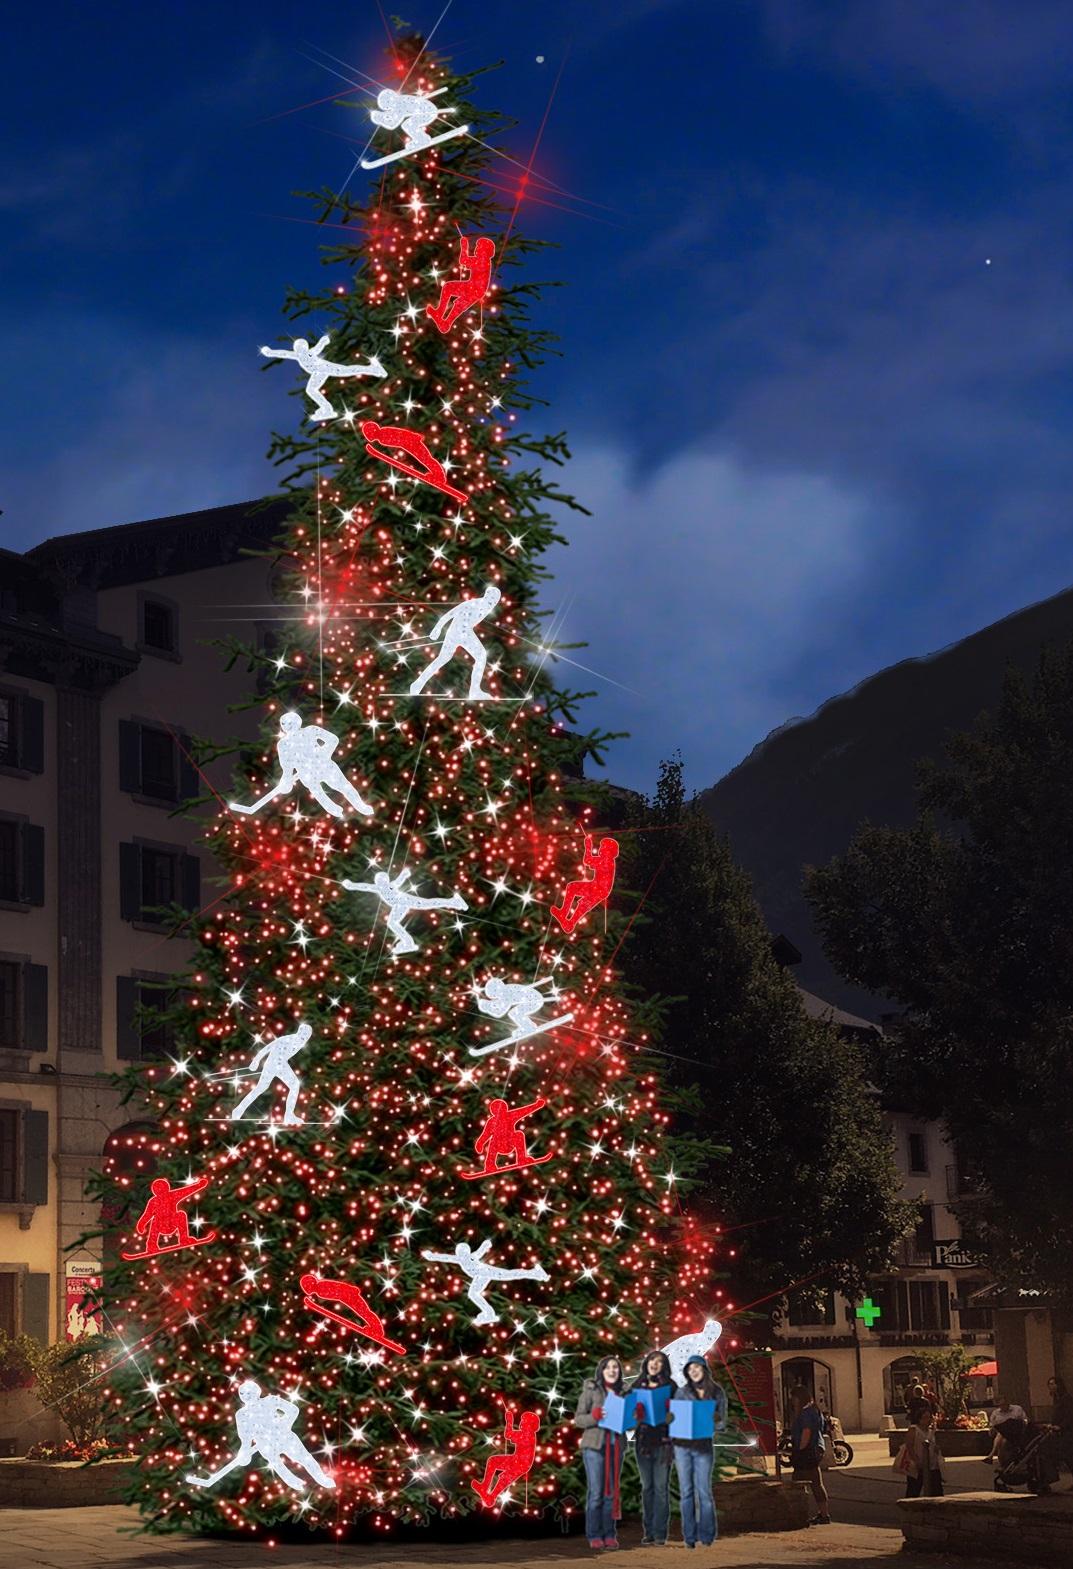 Sapin De Noel Decoration Traditionnelle nouvelles illuminations de noel a chamonix et traditionnelle